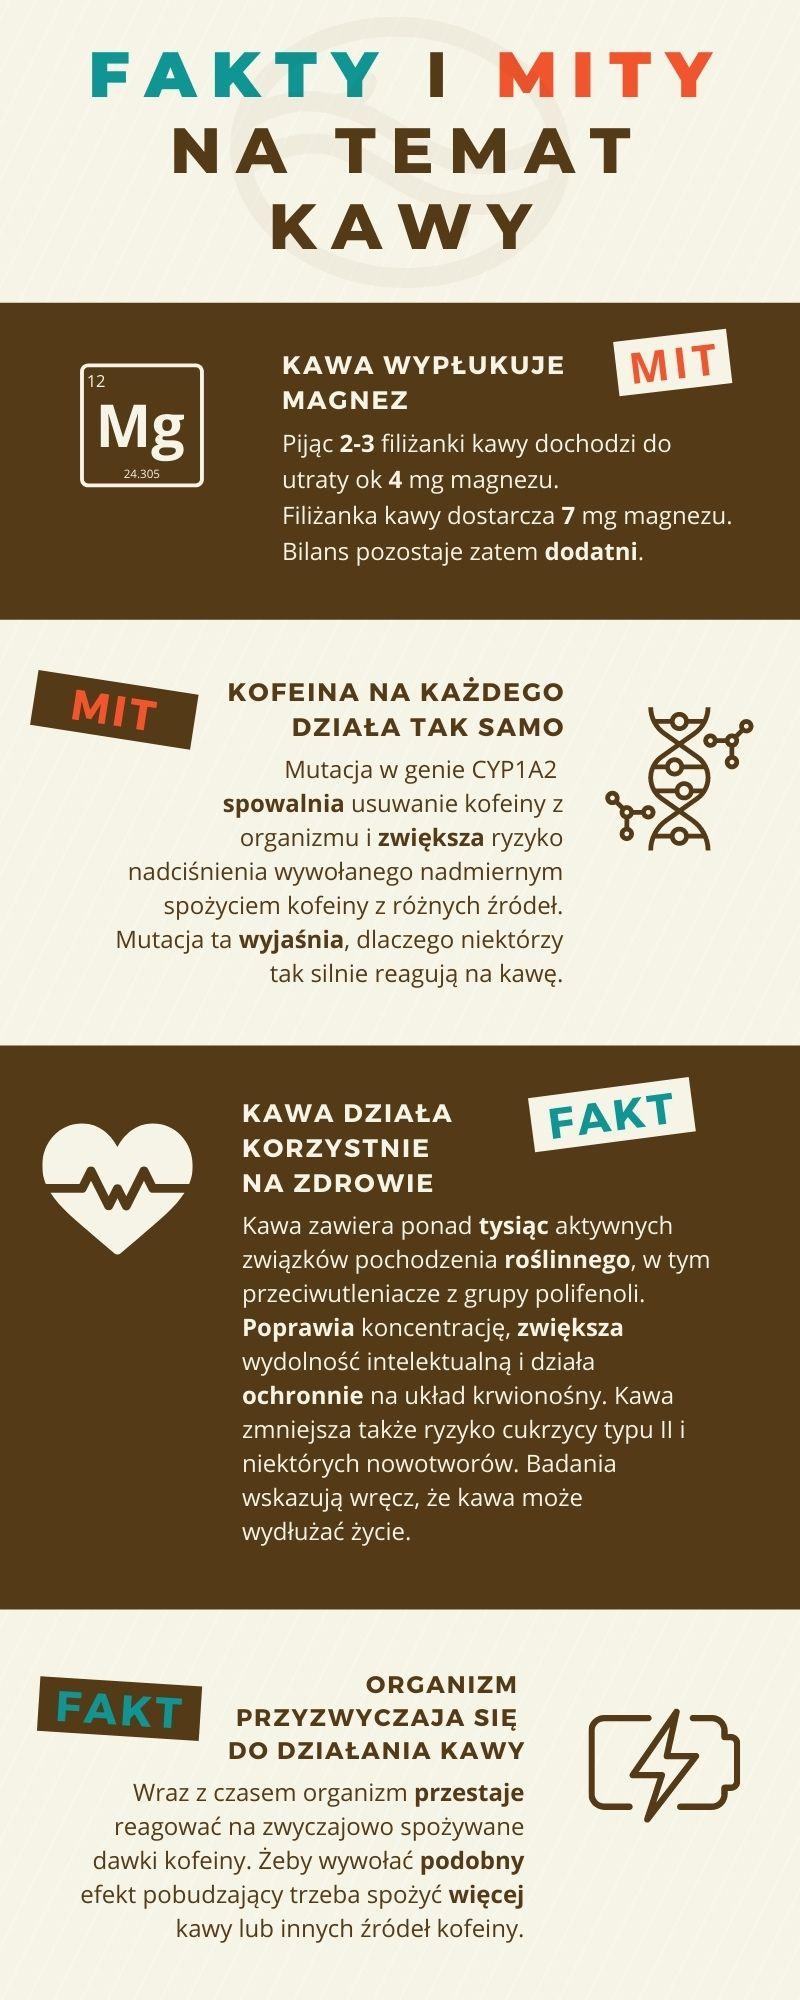 Kawa - fakty i mity - część 1